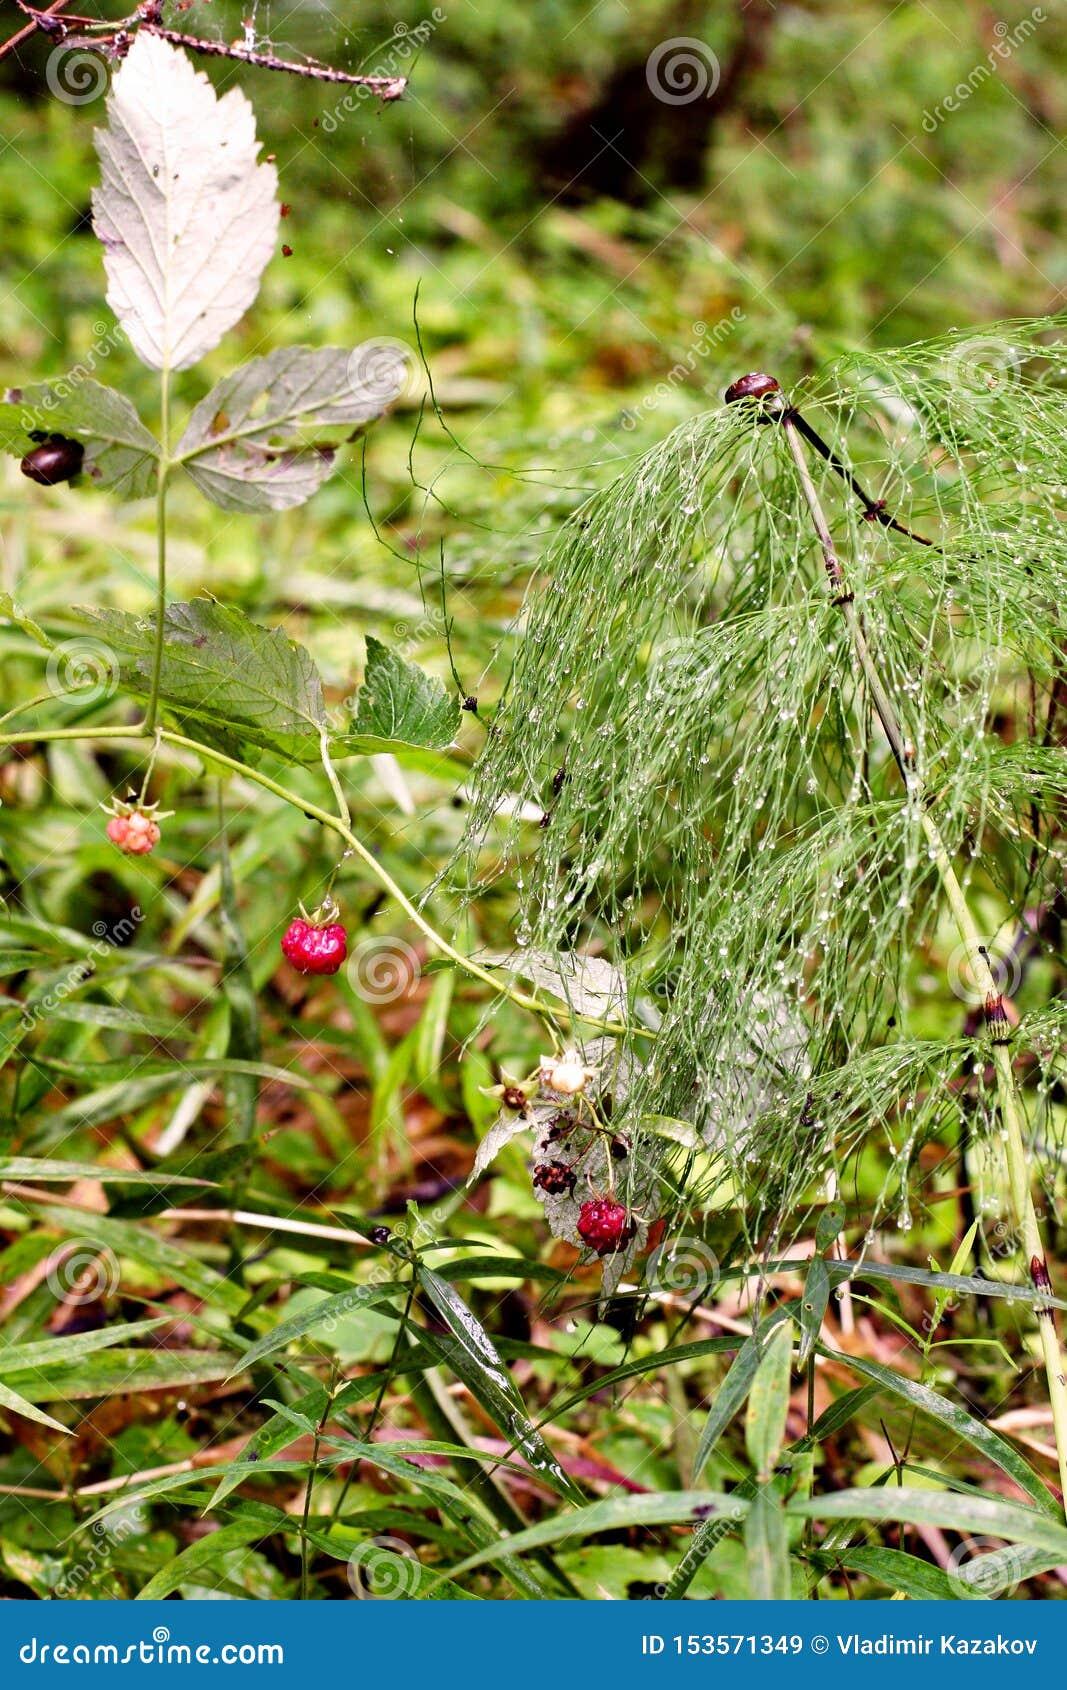 Groene luchtstruik met dauw in de vorm van paraplu s Dichtbij rode frambozen en er zijn een paar slakken